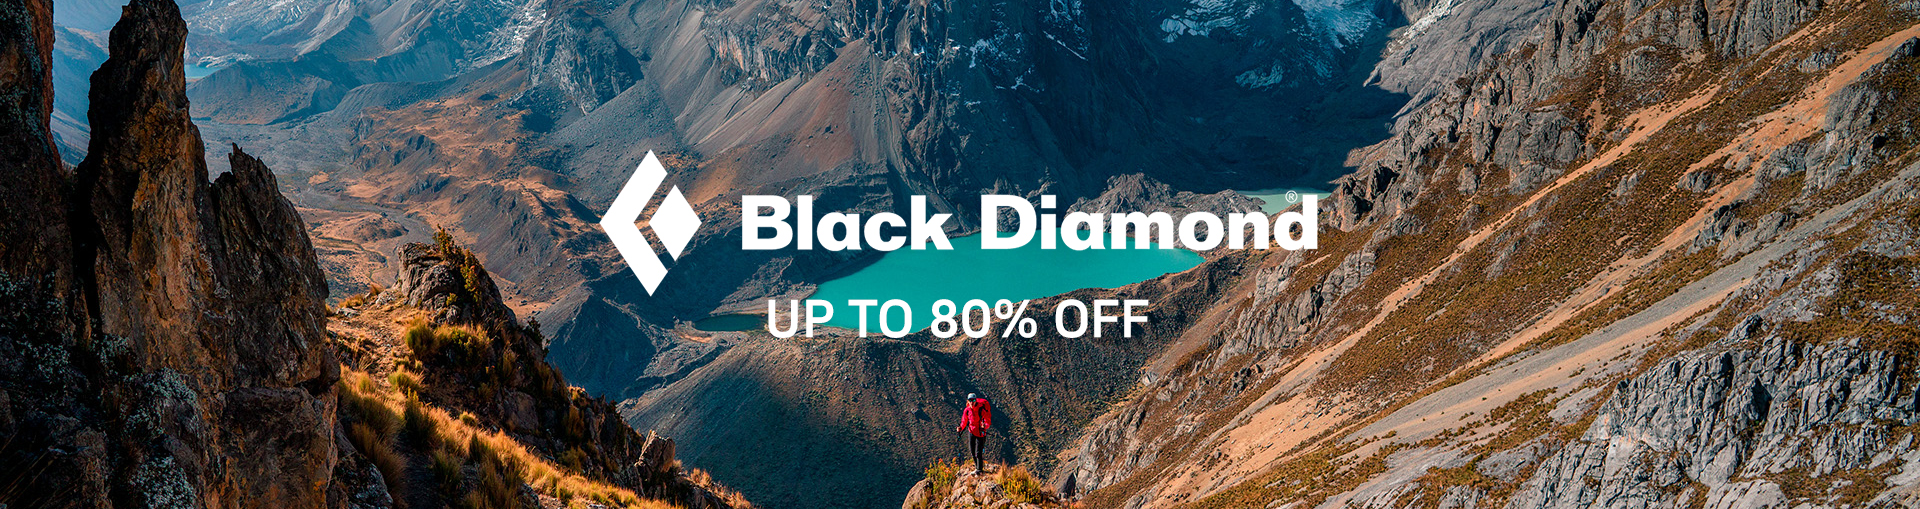 블랙다이아몬드 전제품 할인전